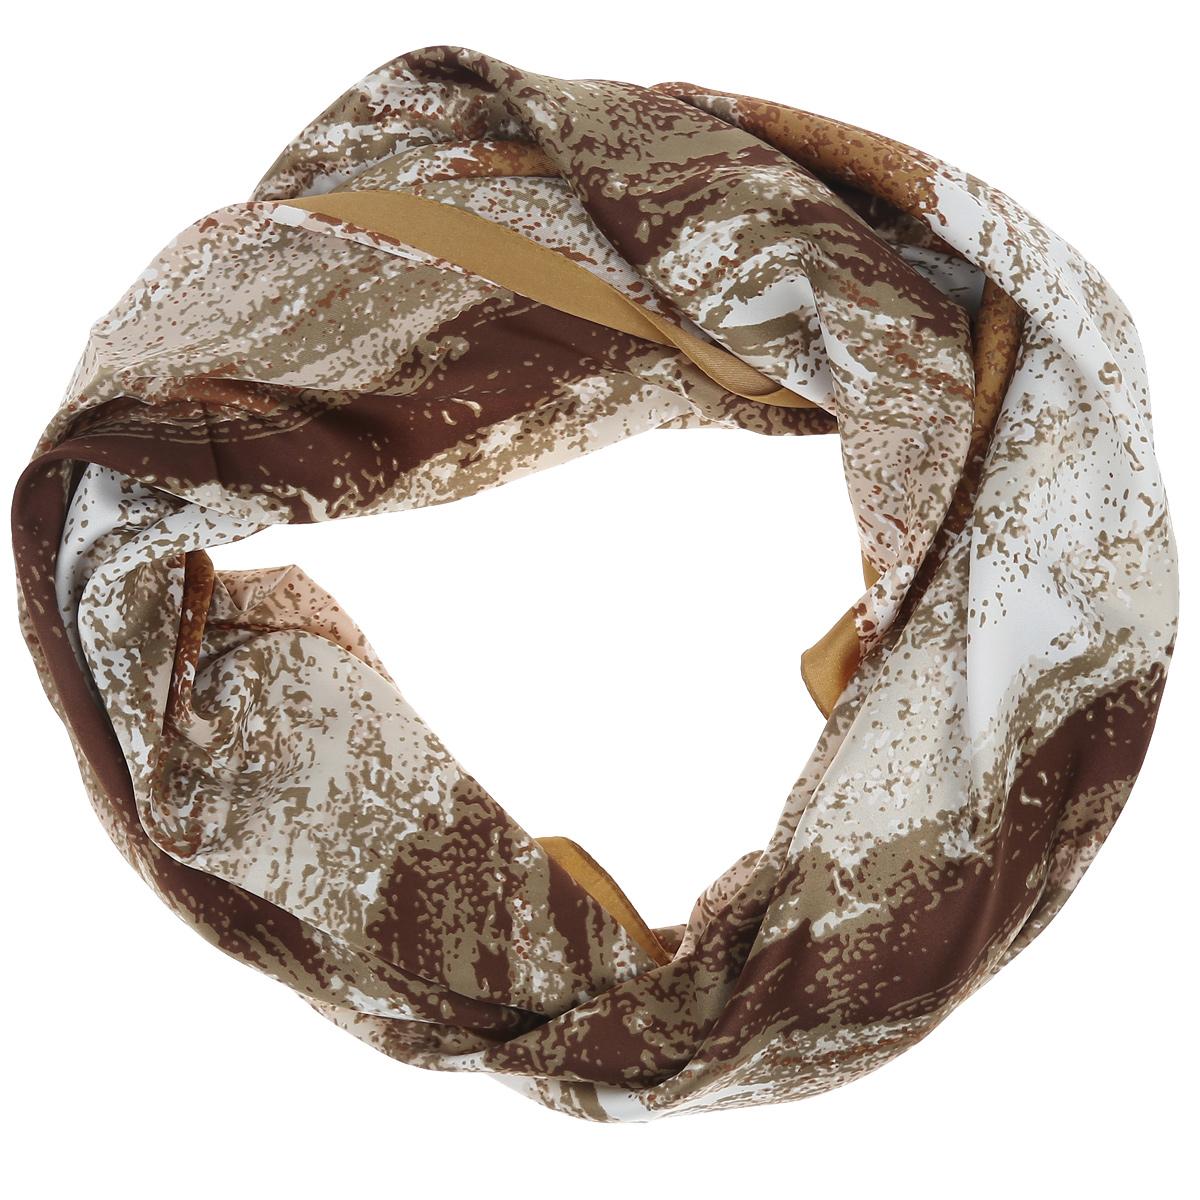 Платок женский Laura Milano, цвет: коричневый, светло-коричневый, белый. CS-QUADRO-4. Размер 90 см х 90 смCS-QUADRO-4Стильный женский платок Laura Milano станет великолепным завершением любого наряда. Платок изготовлен из высококачественного материала. Он оформлен оригинальным принтом в виде цветных пятен. Классическая квадратная форма позволяет носить платок на шее, украшать им прическу или декорировать сумочку. Мягкий и шелковистый платок поможет вам создать изысканный женственный образ, а также согреет в непогоду. Такой платок превосходно дополнит любой наряд и подчеркнет ваш неповторимый вкус и элегантность.